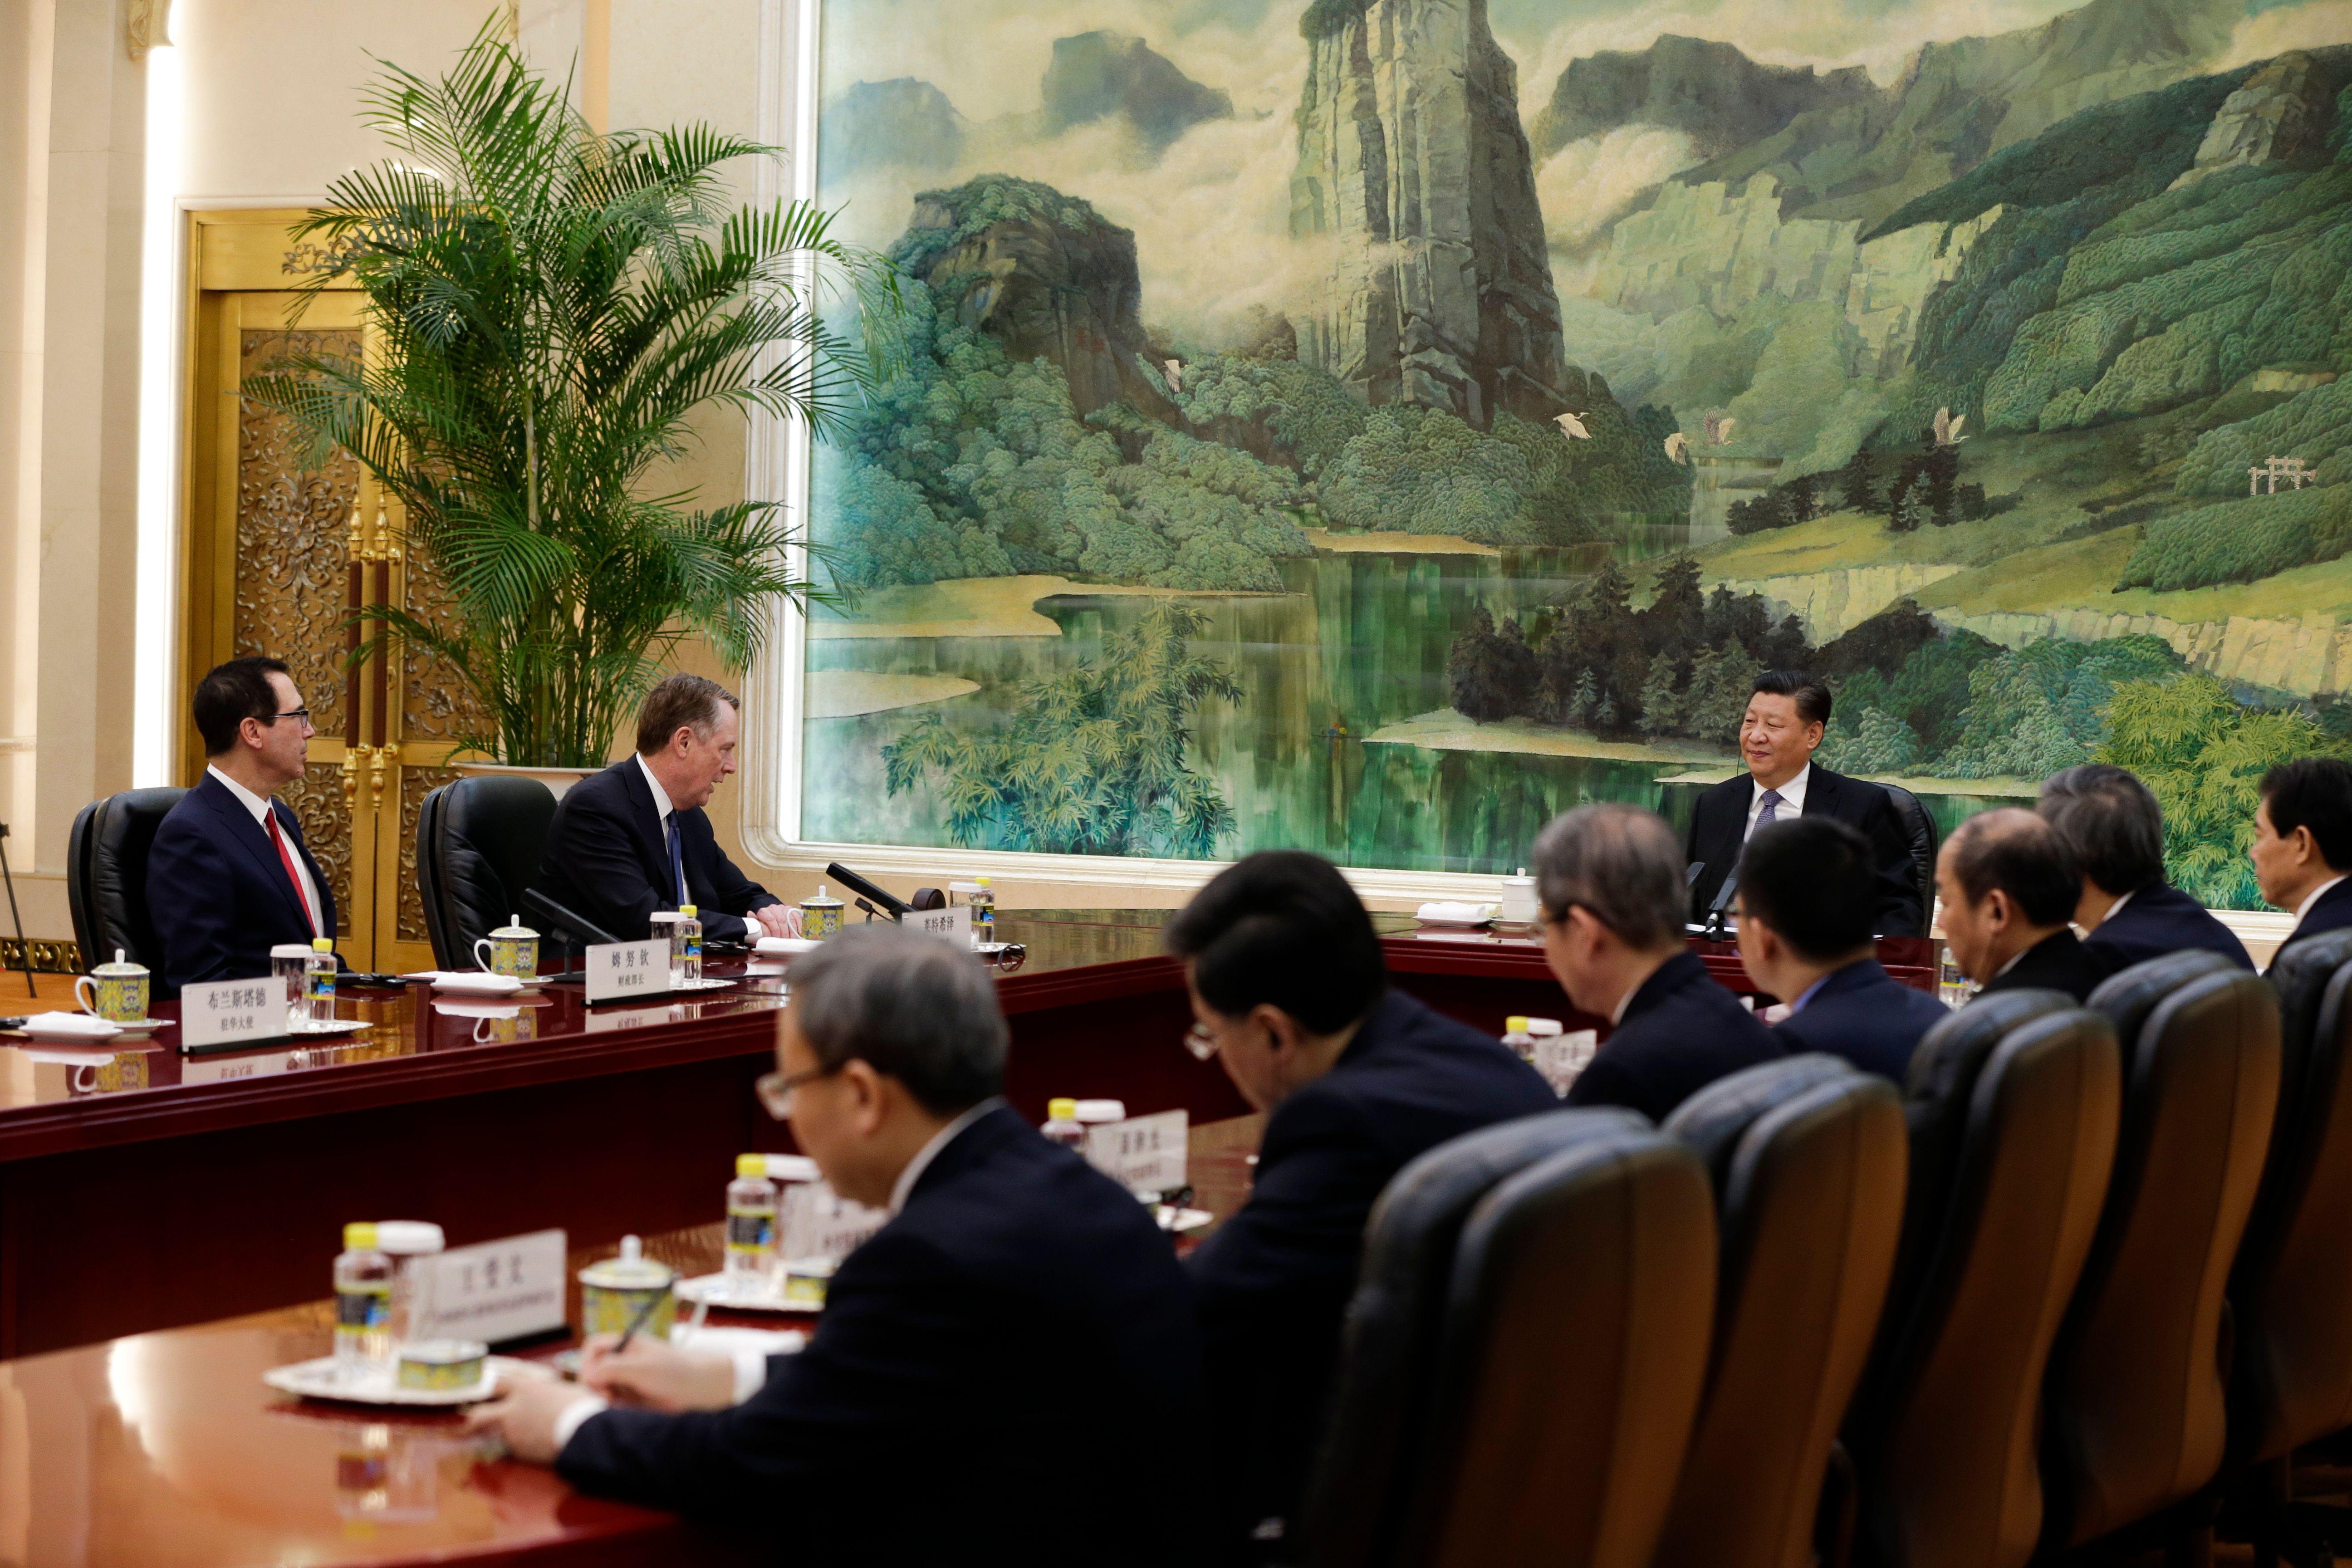 中美兩國談判代表週五結束了長達一週的談判,結果如何?似乎仍然是有進展無協議,並準備下週新一輪談判。(ANDY WONG/AFP/Getty Images)